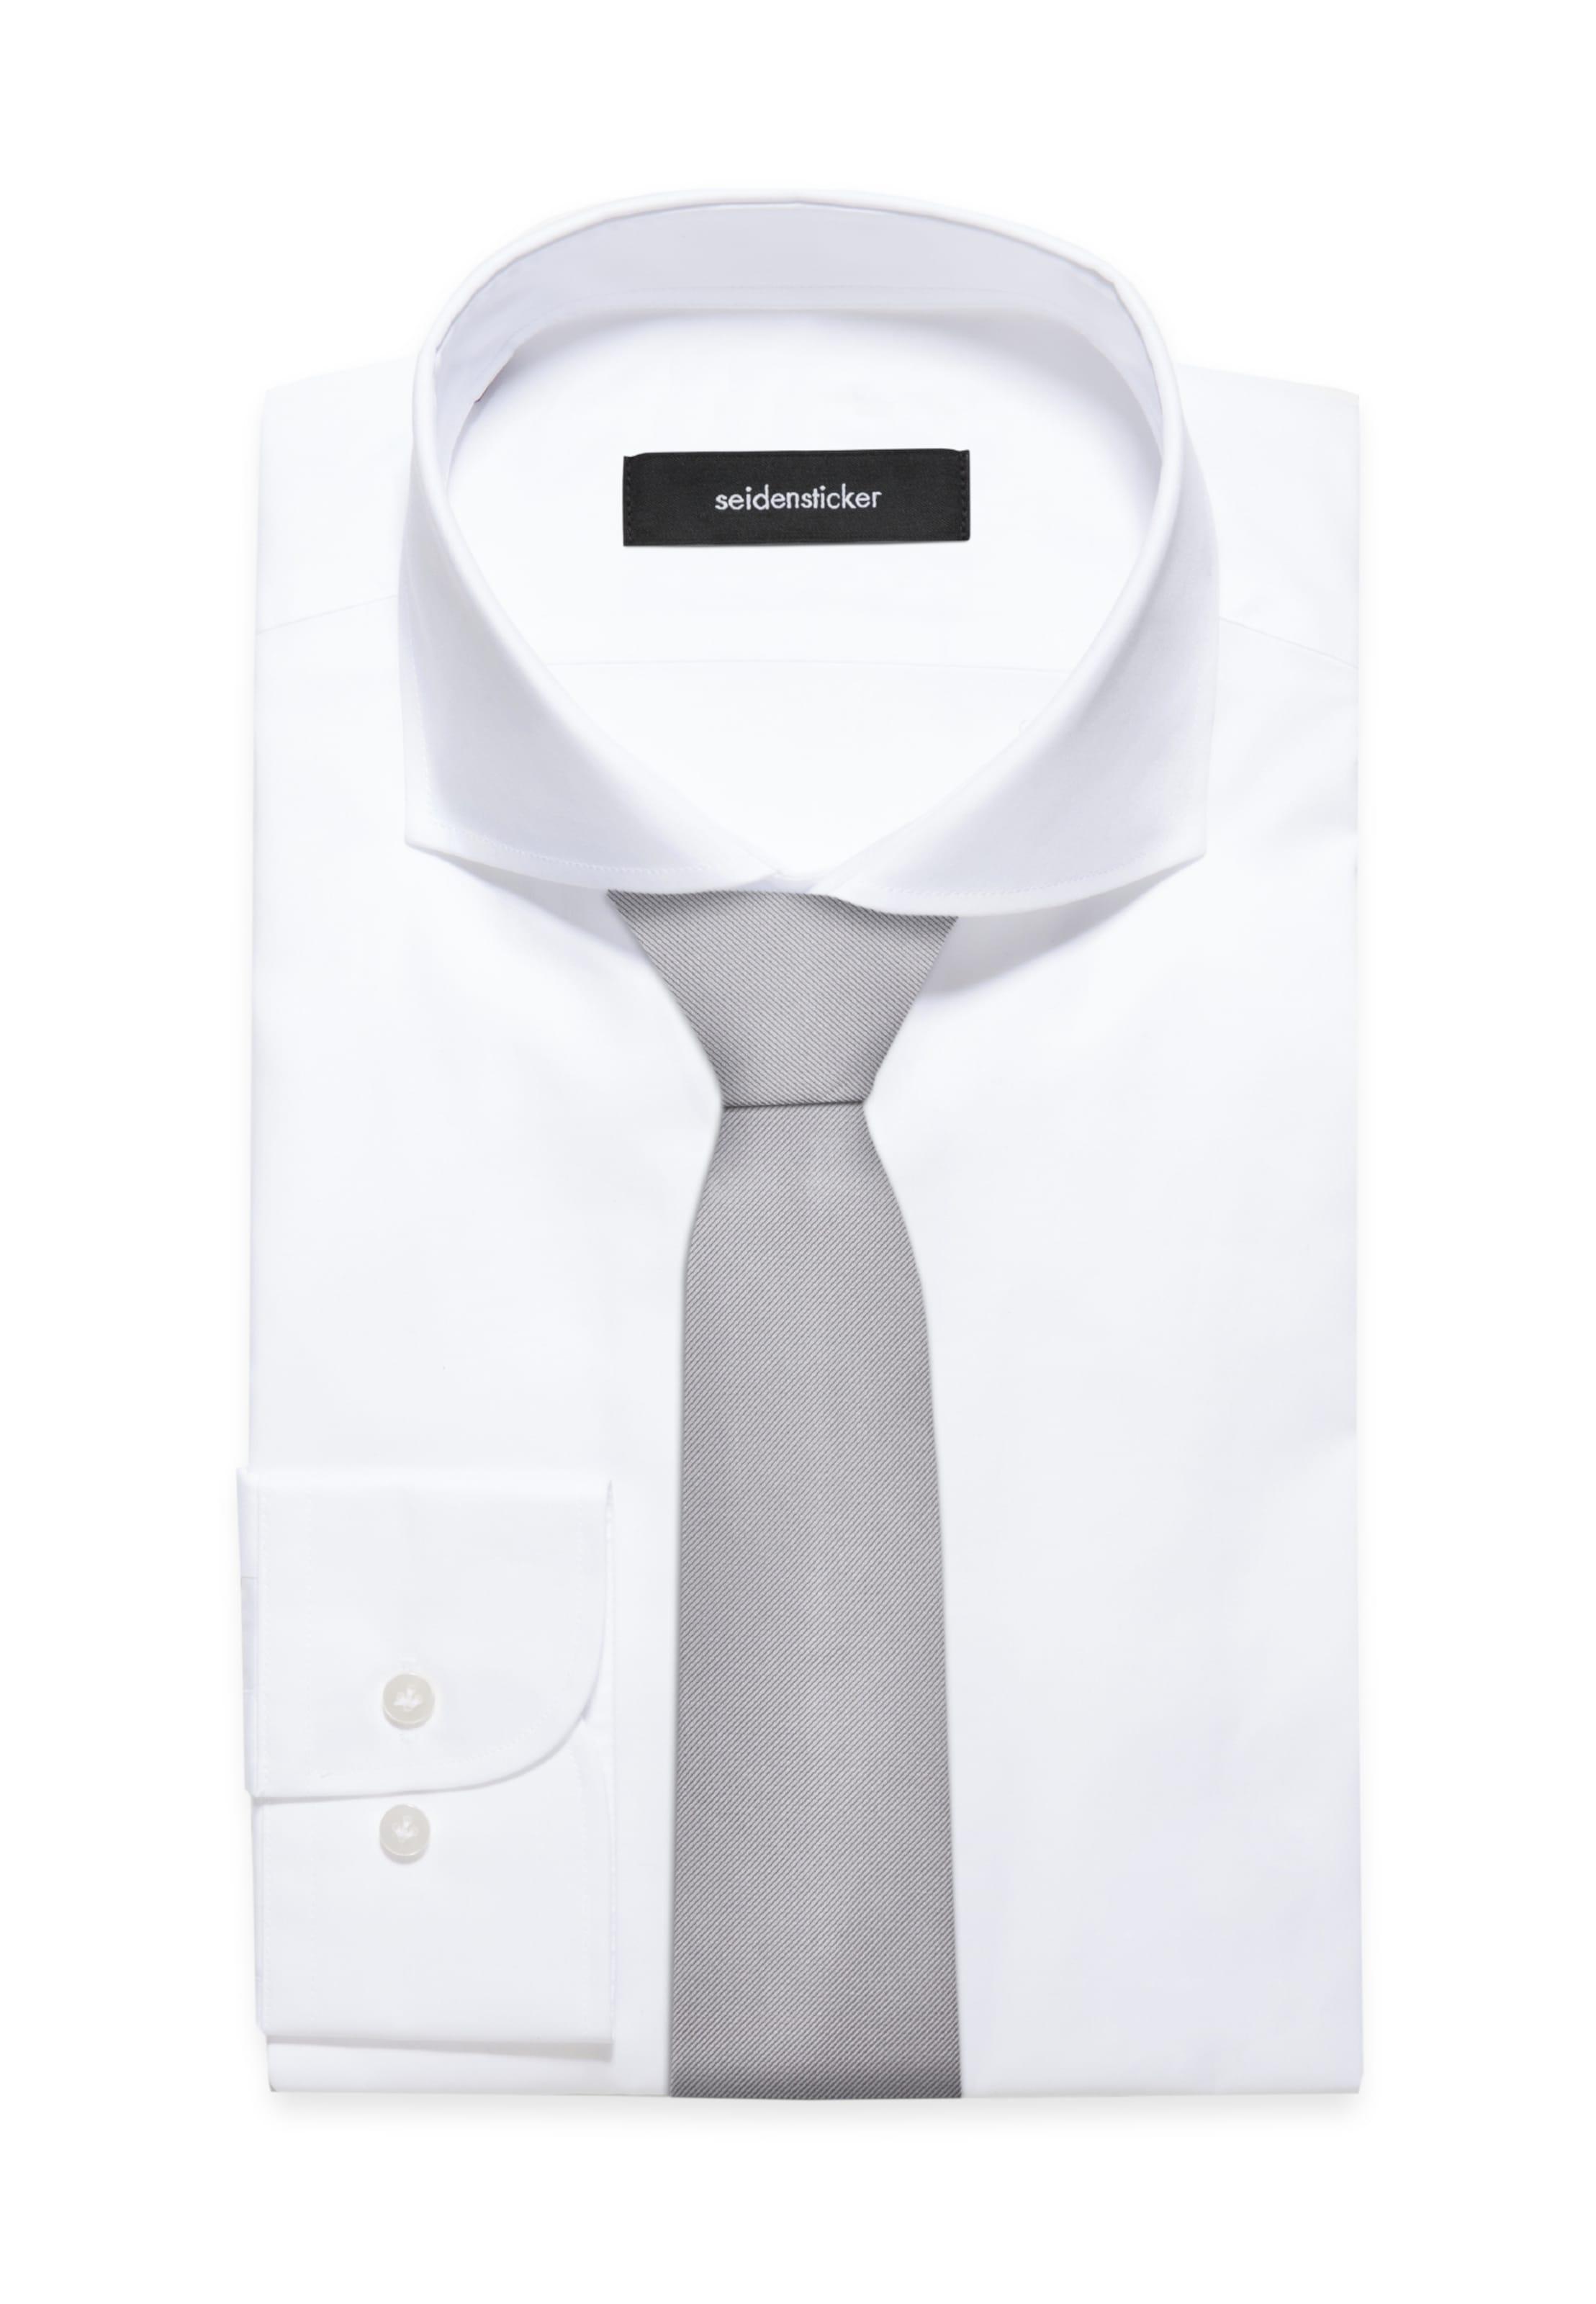 Auslass Manchester Großer Verkauf SEIDENSTICKER Krawatte ' Schwarze Rose ' Billig Besuch Neu Verkauf Günstig Online mcZ3P8xzJS